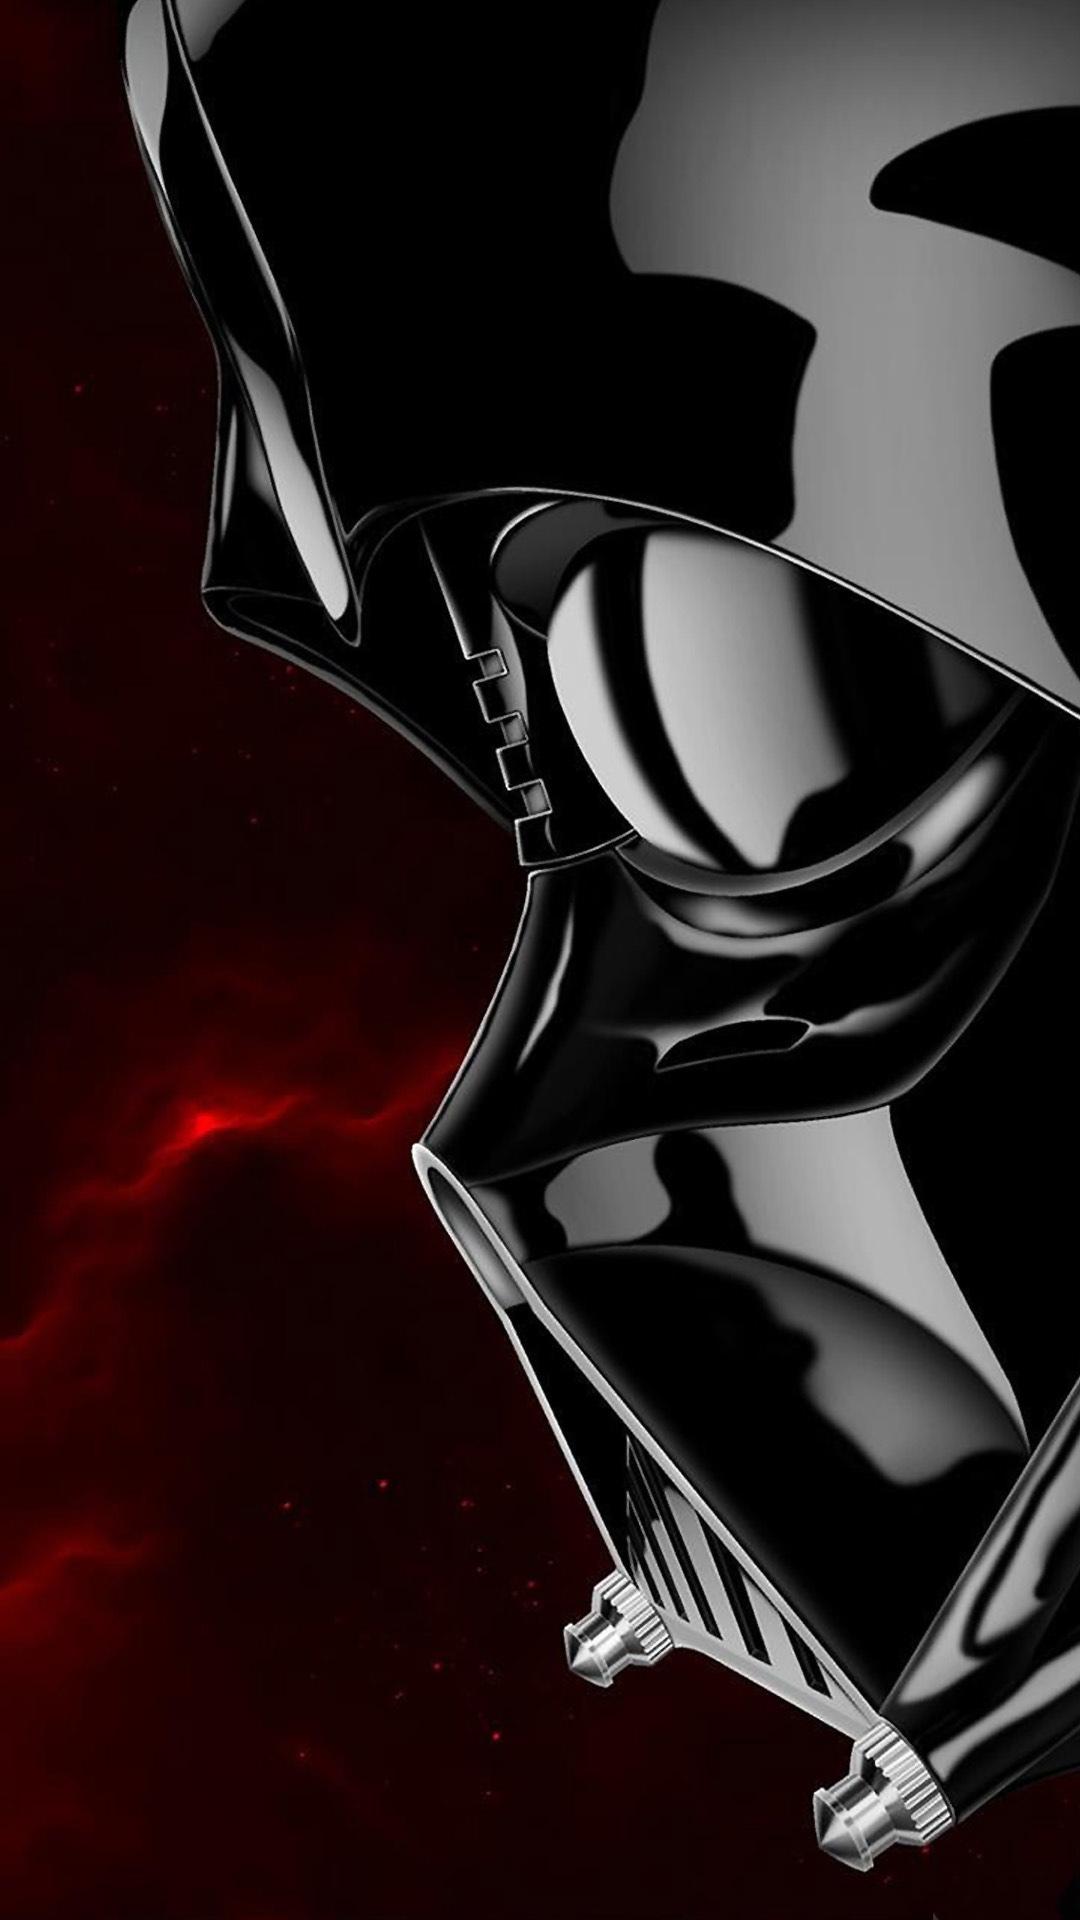 Darth Vader Star Wars Illustration Android Wallpaper download 1080x1920